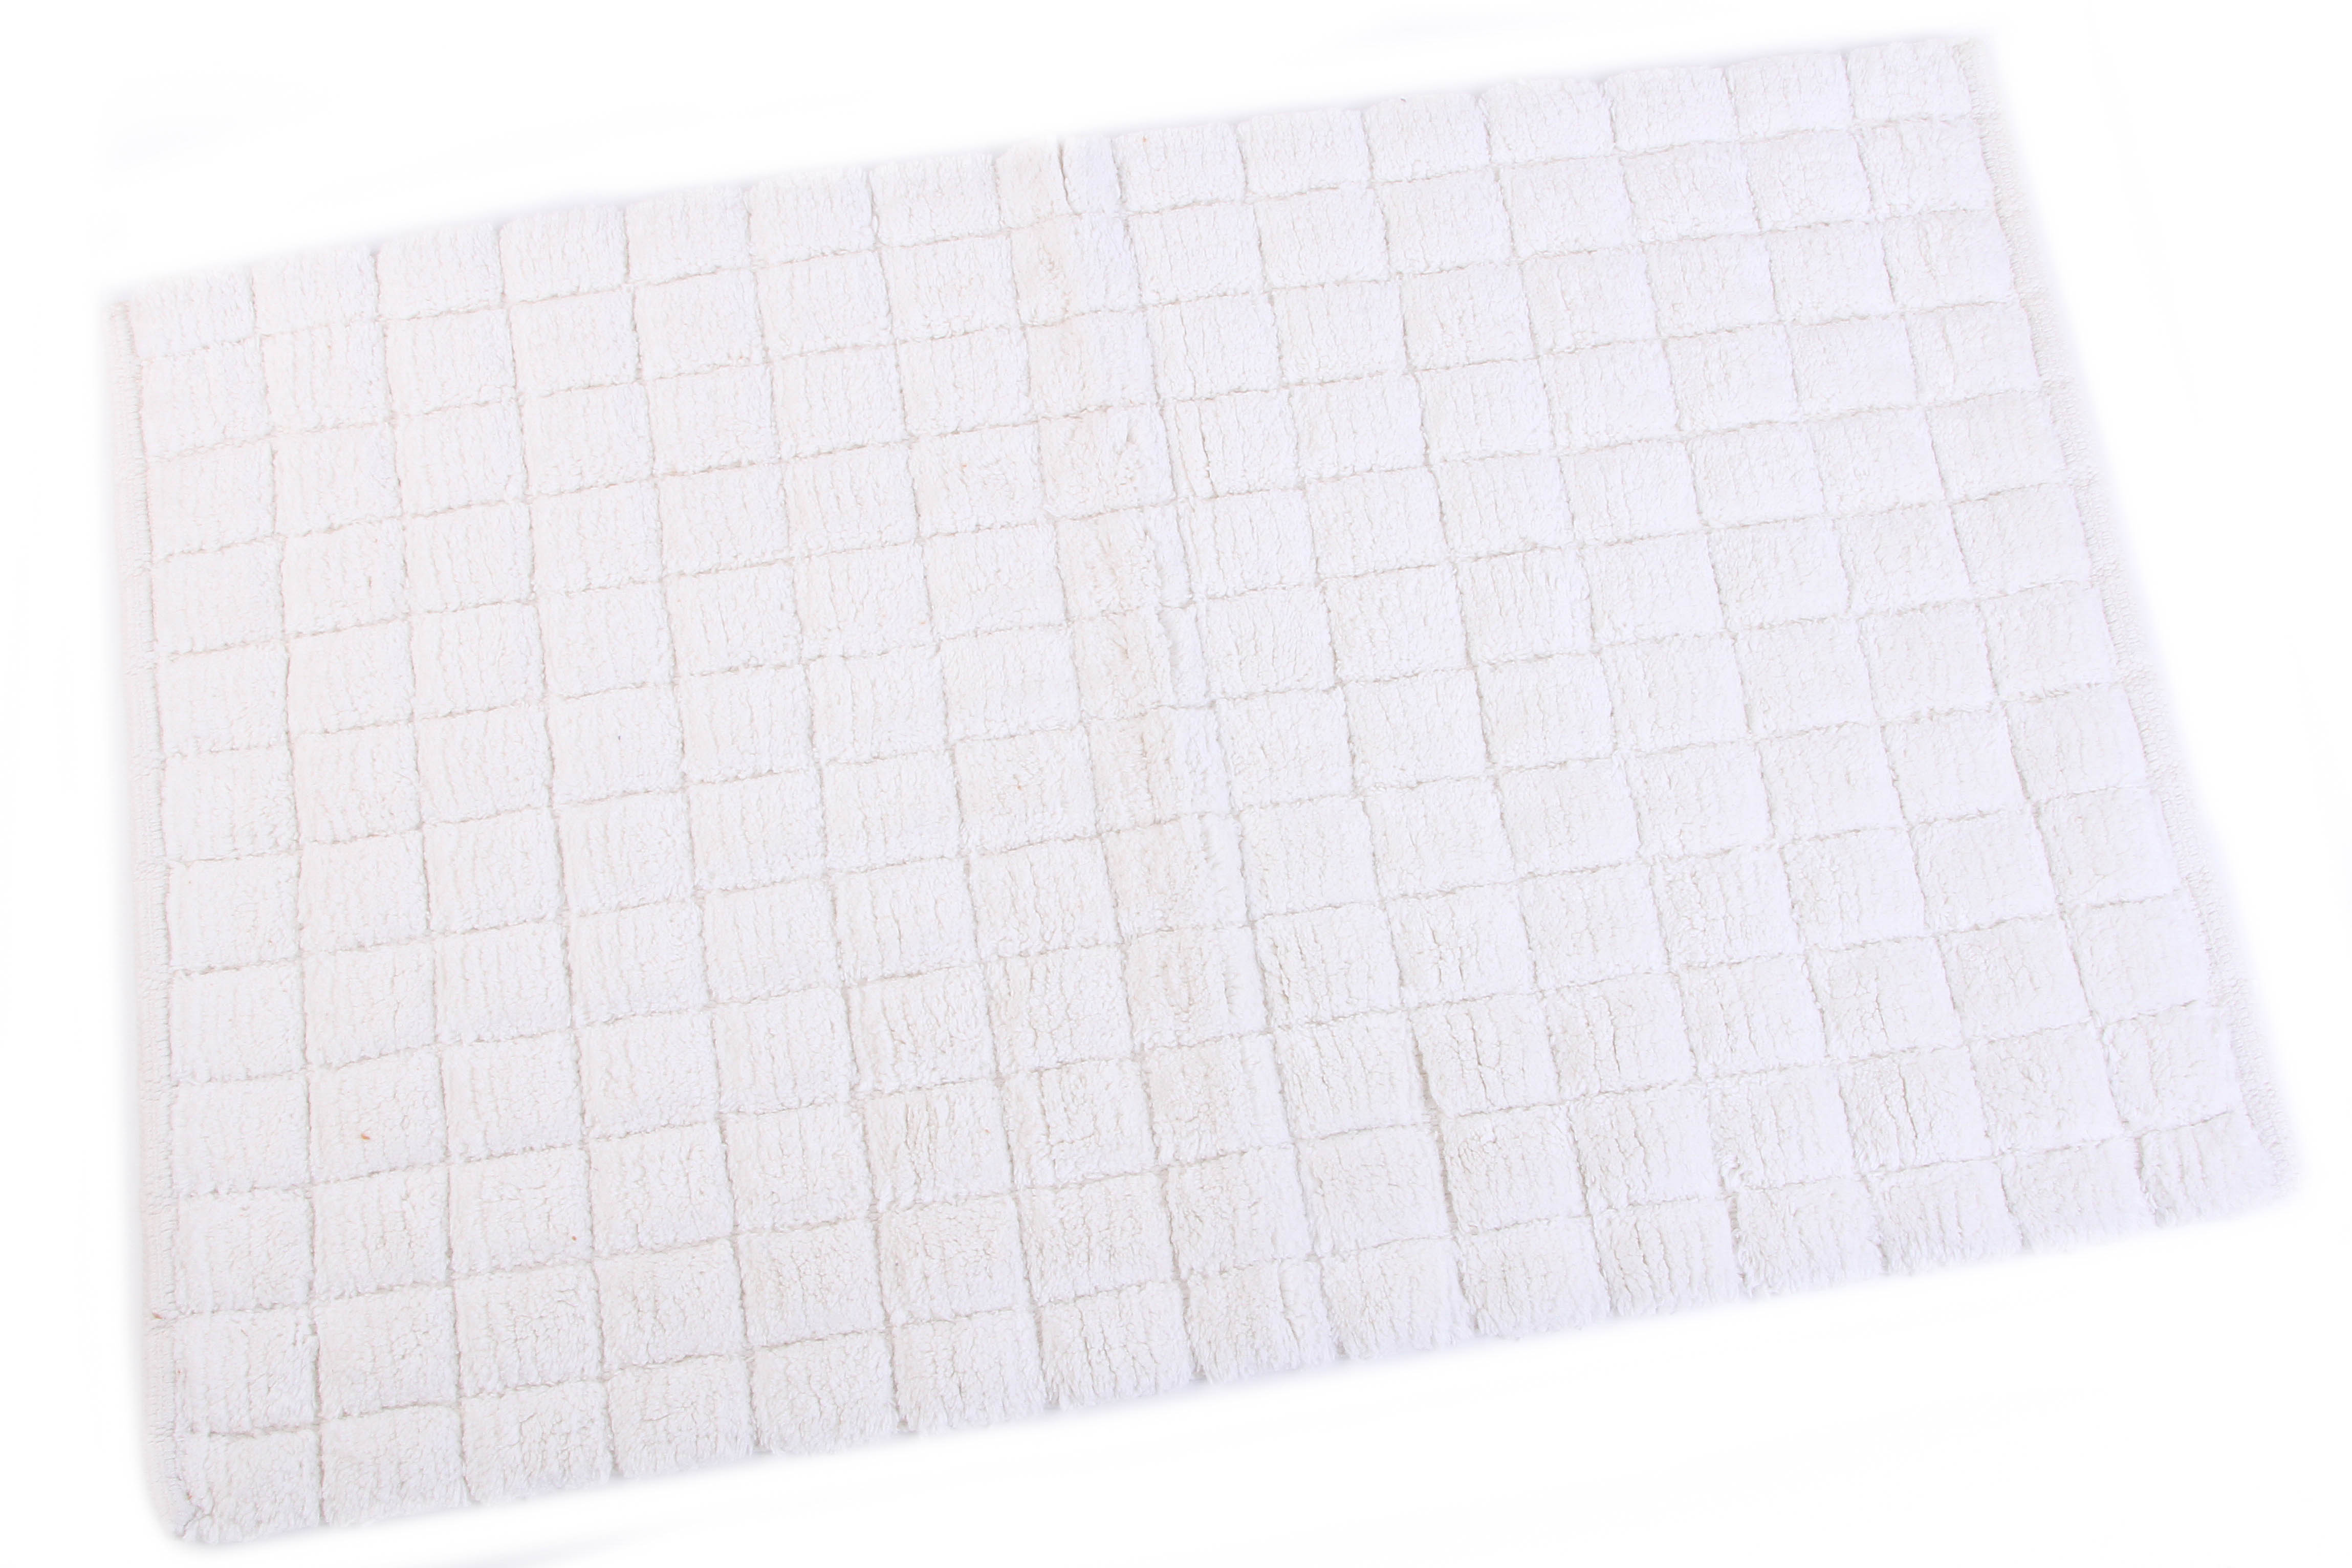 Аксессуары для ванной и туалета Ганг Коврик для ванной Maev Цвет: Белый (50х80 см) комод для ванной aquaton мадрид 80 белый